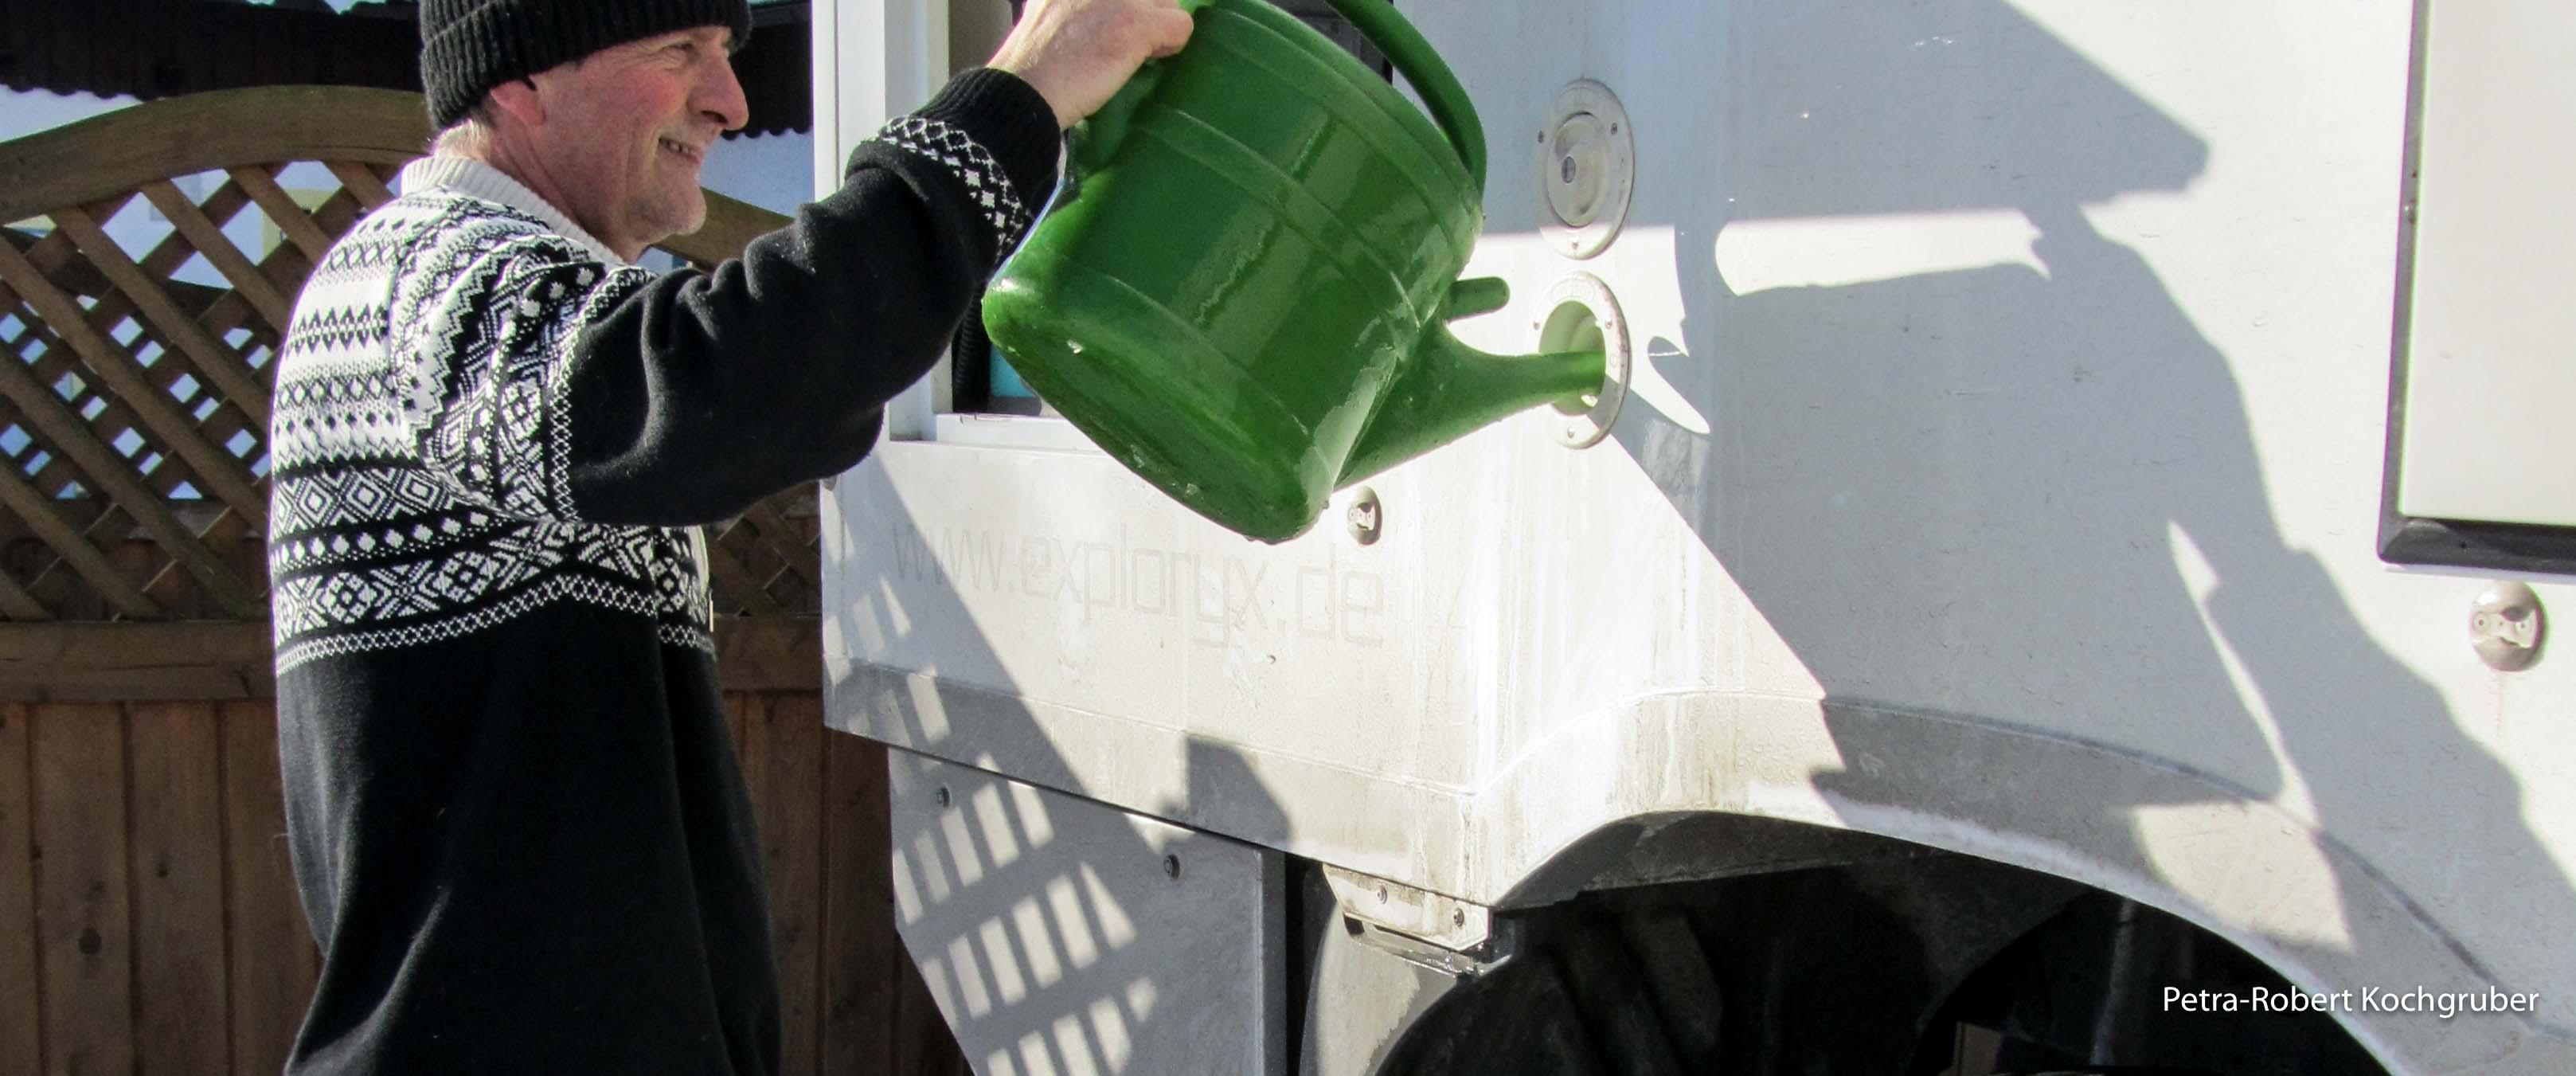 frischwassertank-fuellen-mit-gieskanne-am-wolfgangsee